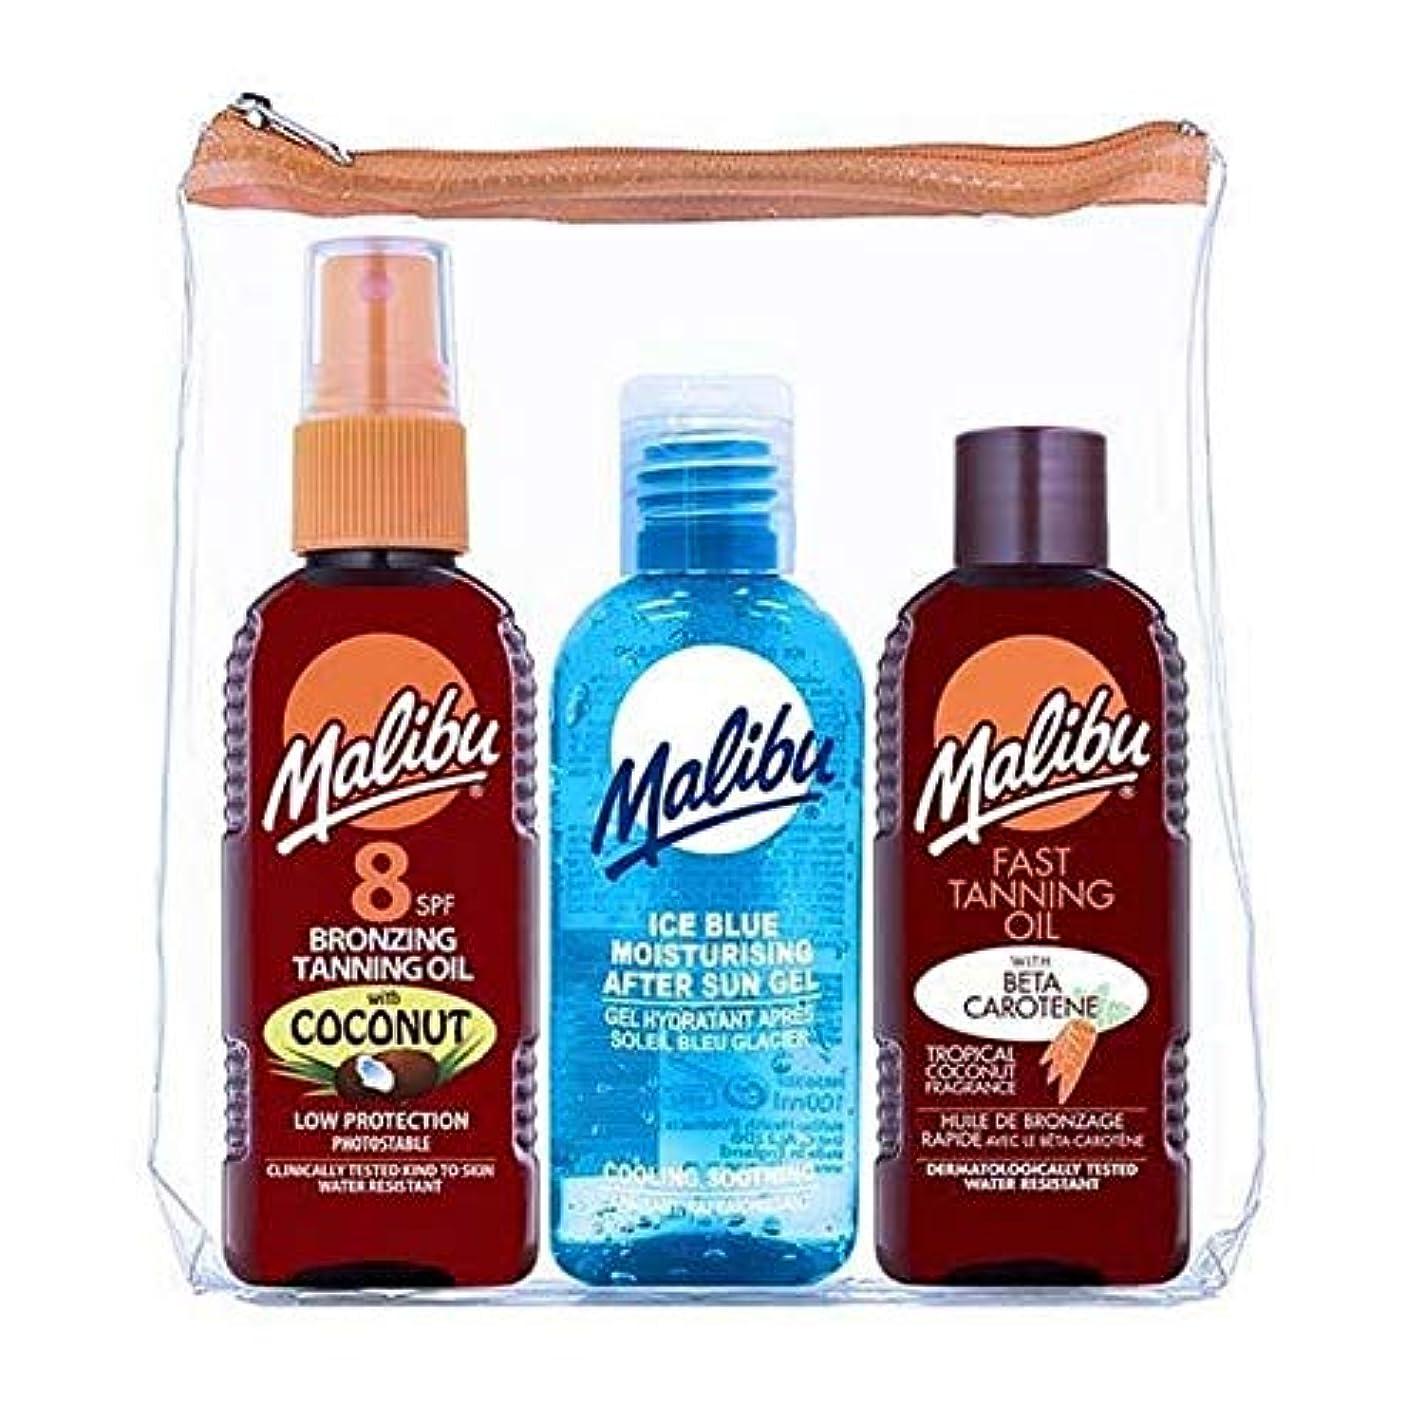 アベニュー感性拒絶[Malibu ] マリブSpf8ココナッツ日焼けオイルのアイスブルー - Malibu SPF8 Coconut Tan Oil Ice Blue [並行輸入品]